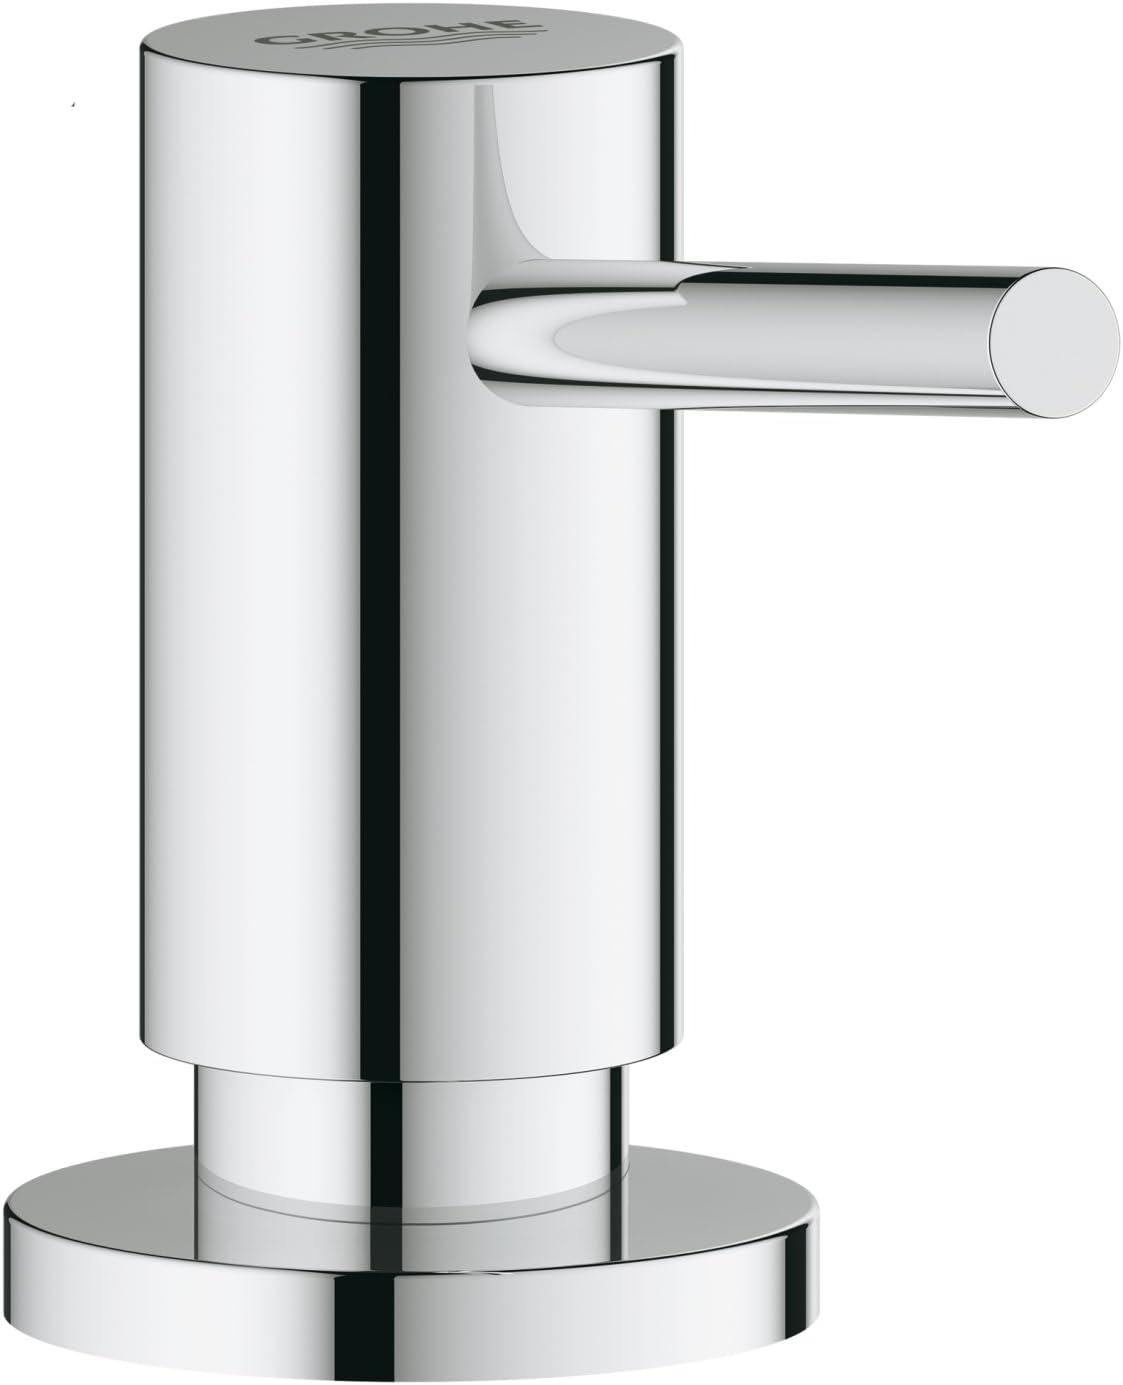 Grohe Cosmopolitan - Dispensador de jabón líquido con capacidad de 0,4l (Ref. 40535000)